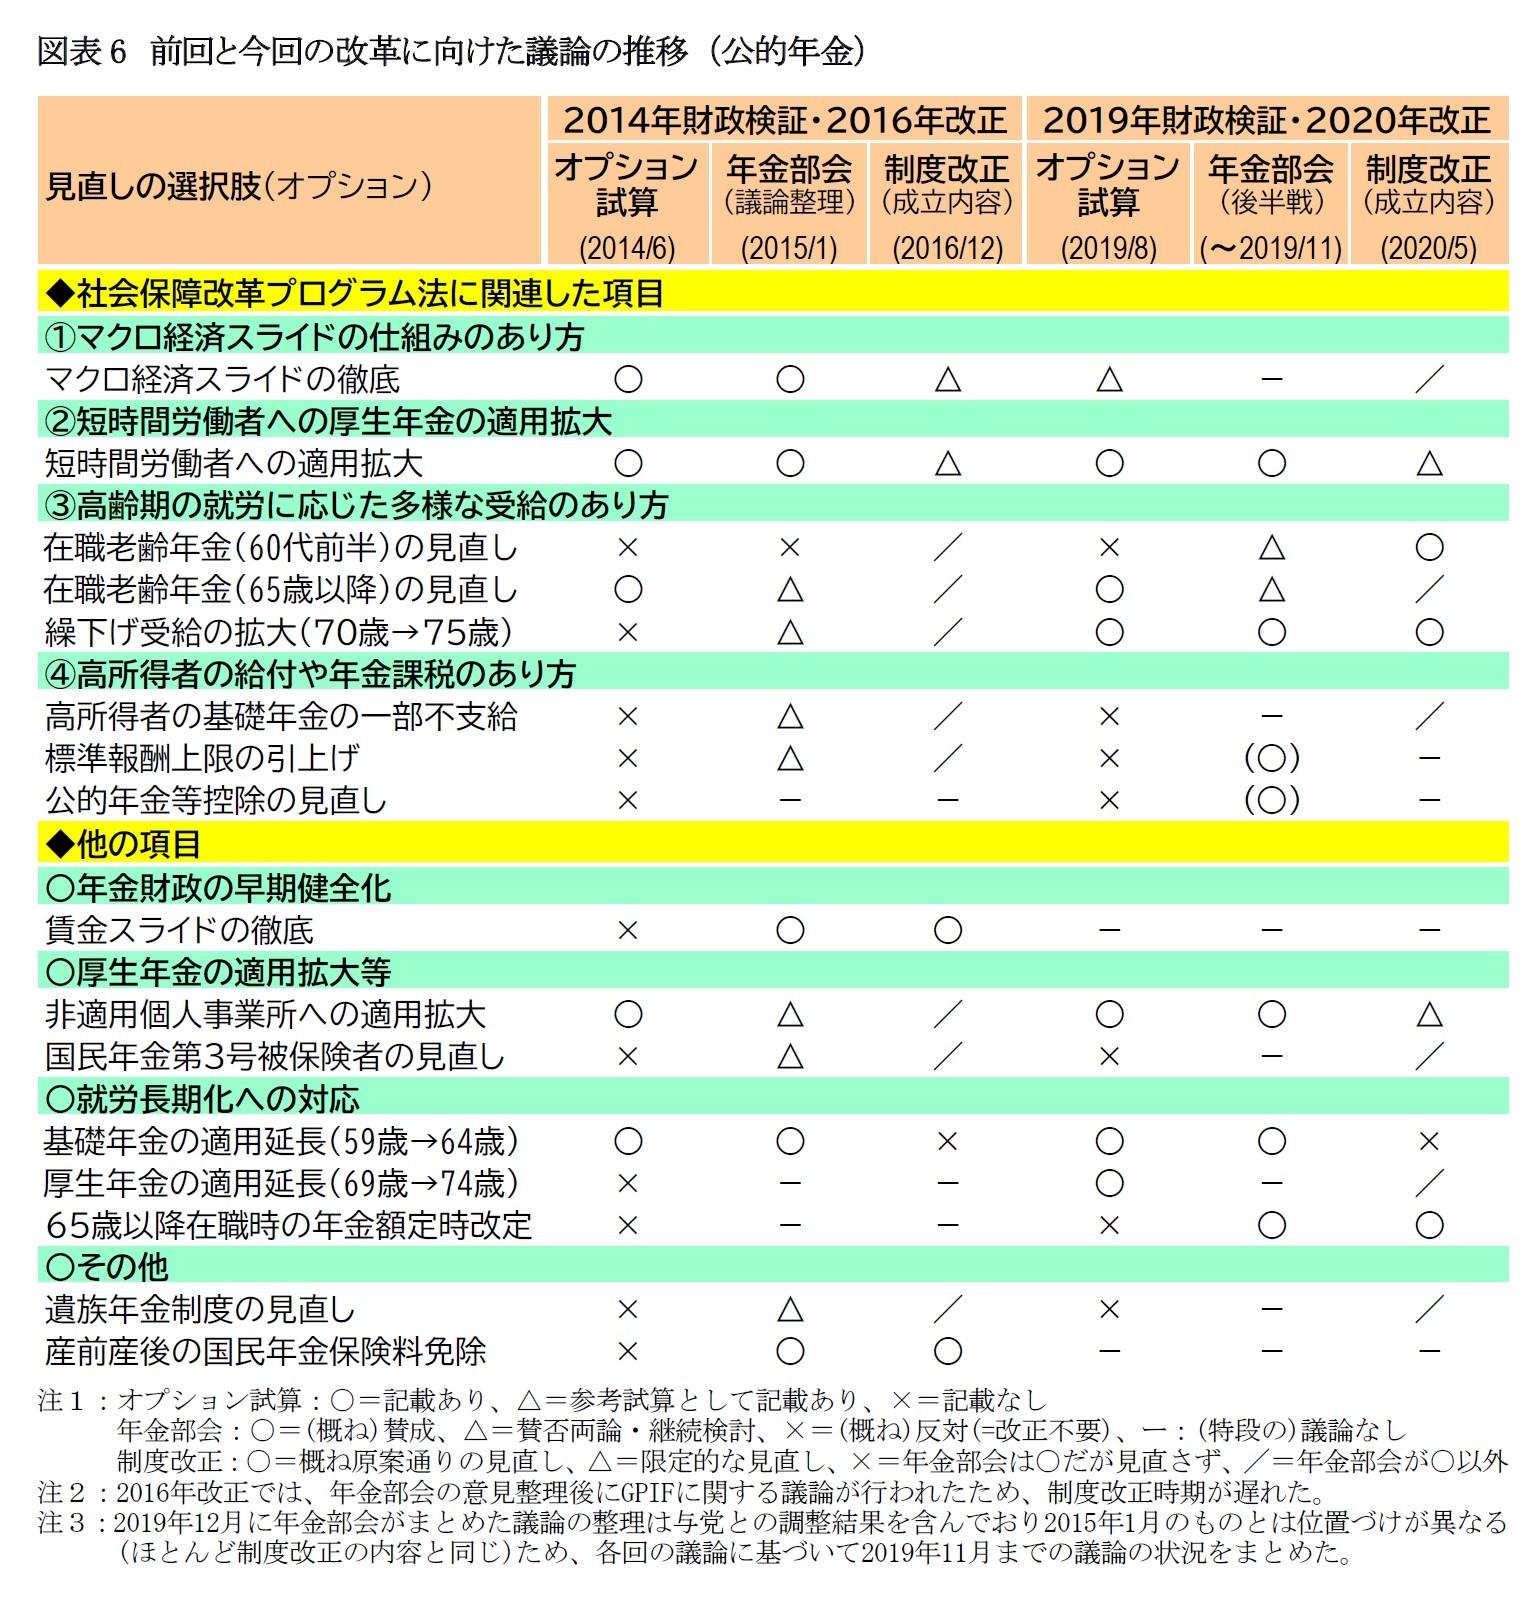 図表6 前回と今回の改革に向けた議論の推移 (公的年金)